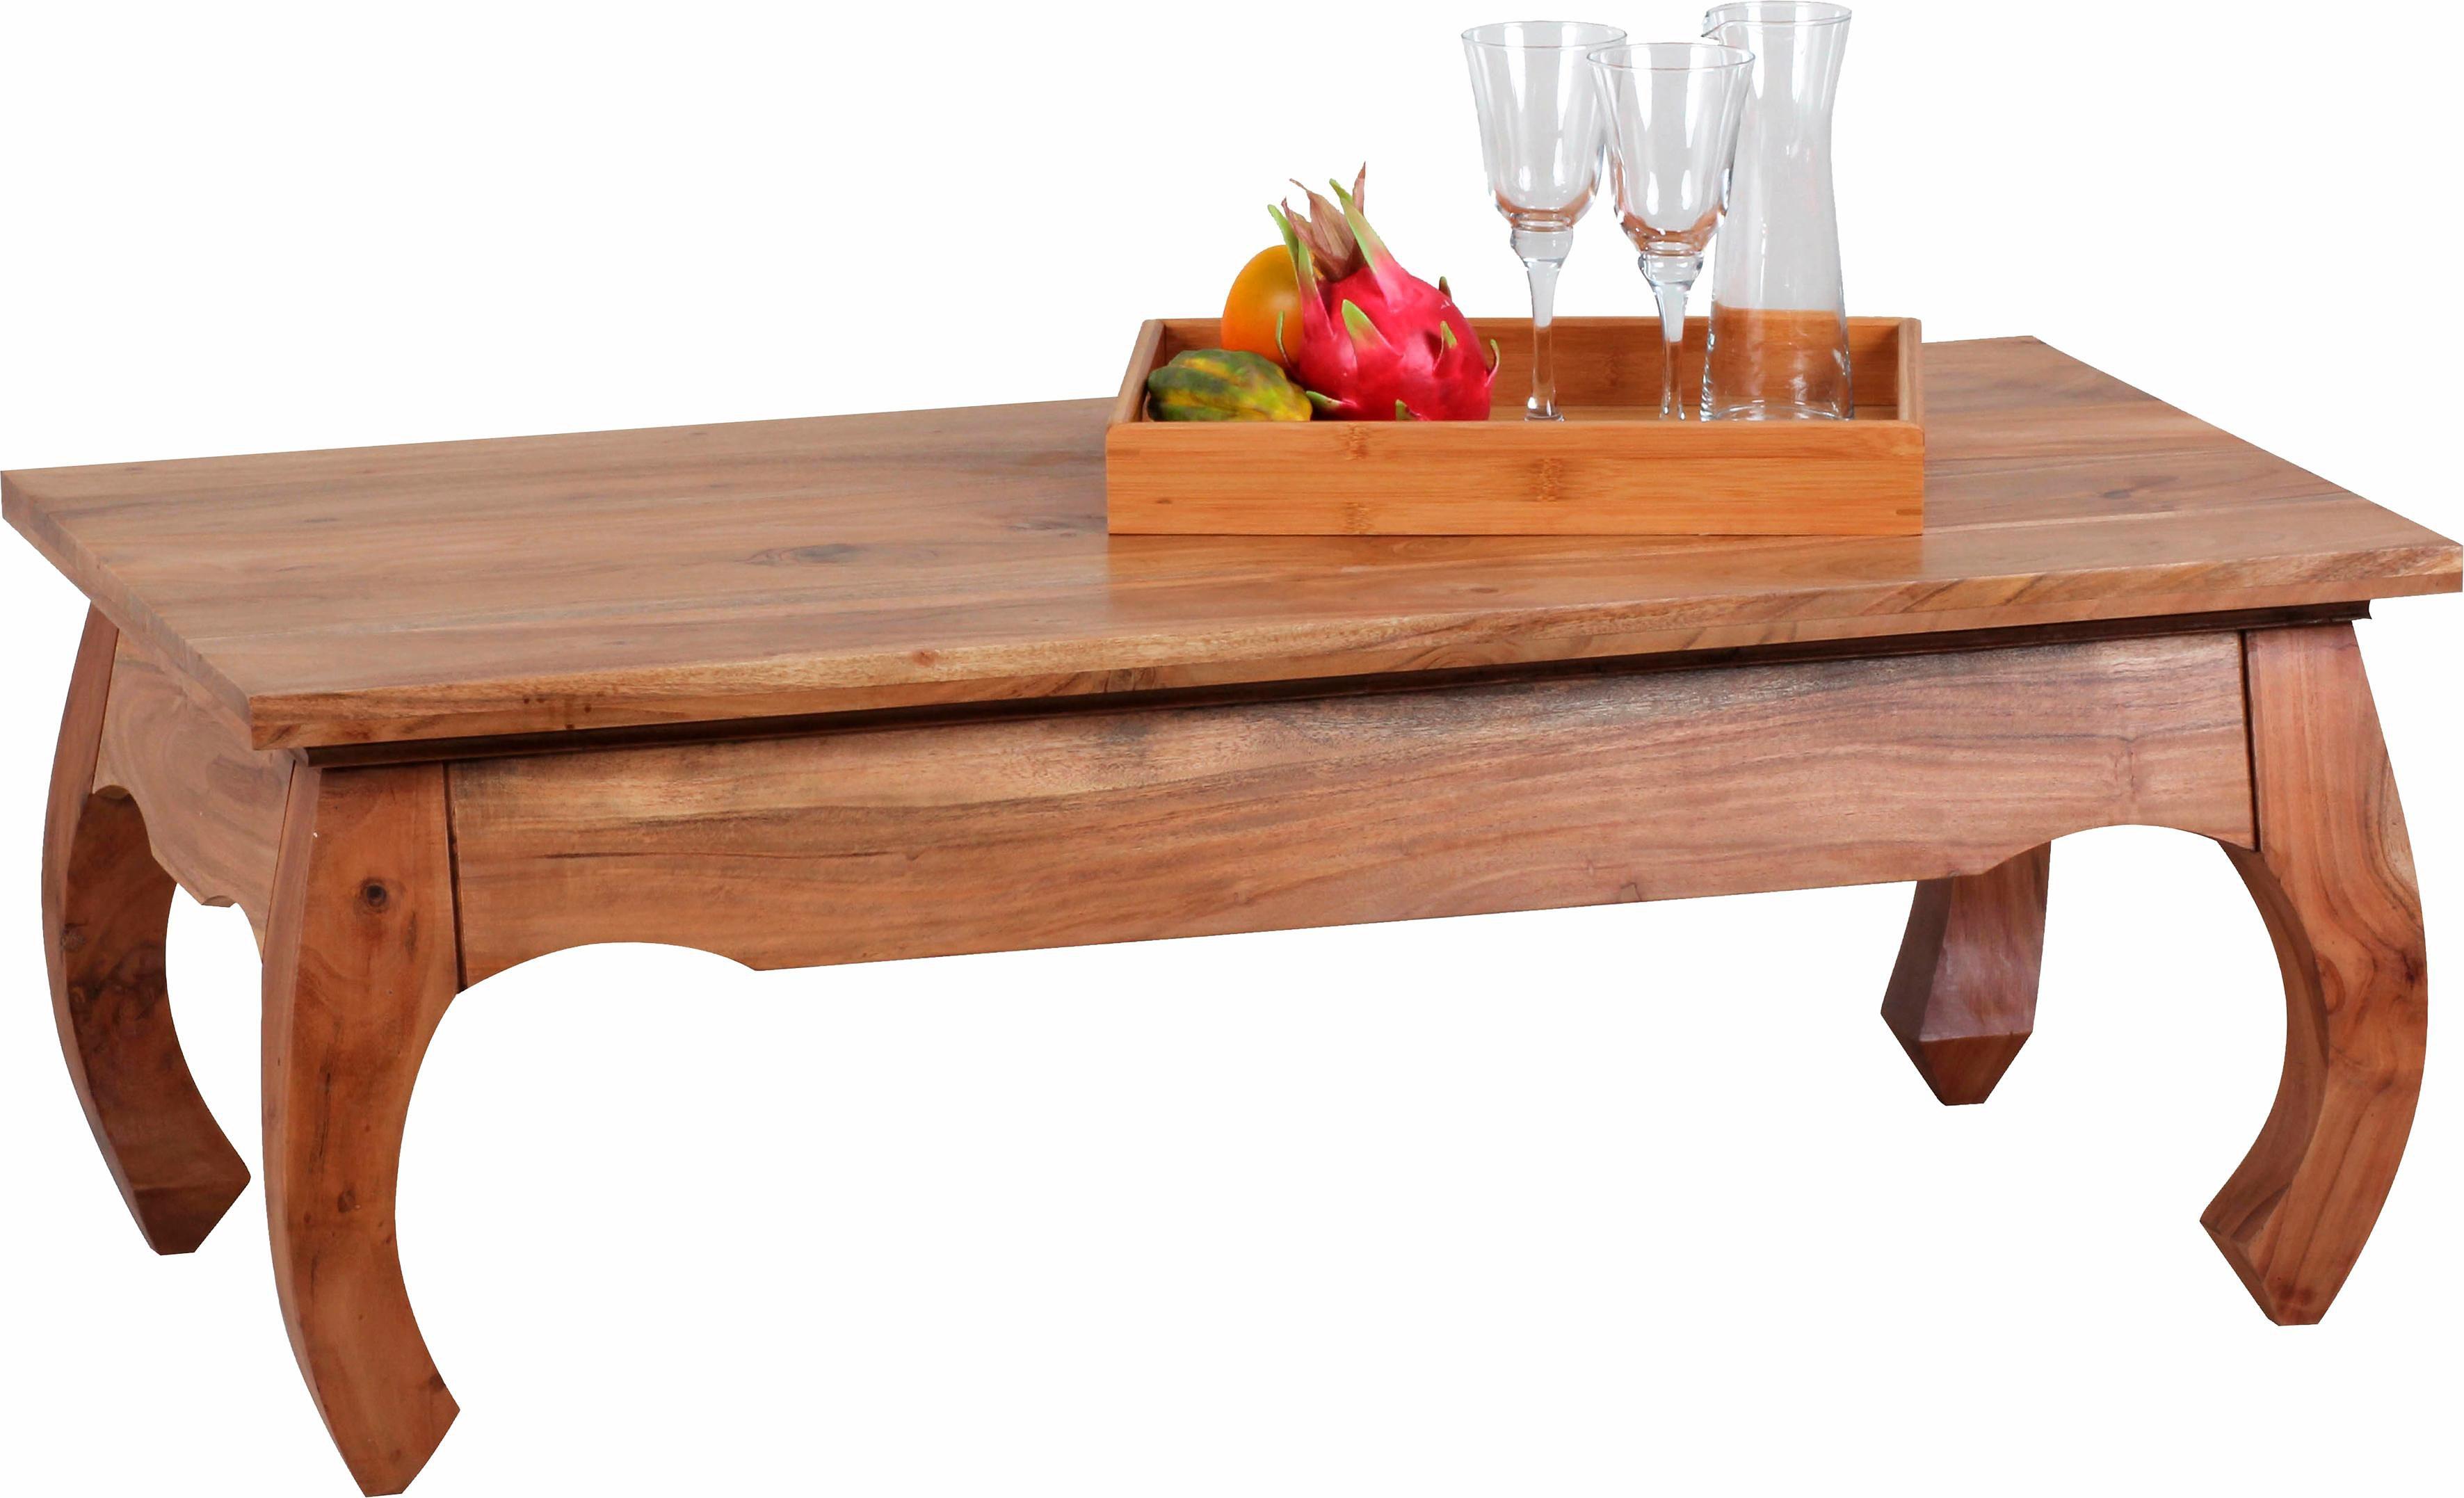 Home affaire Couchtisch »Opium«, 110 cm breit, aus massivem Akazienholz